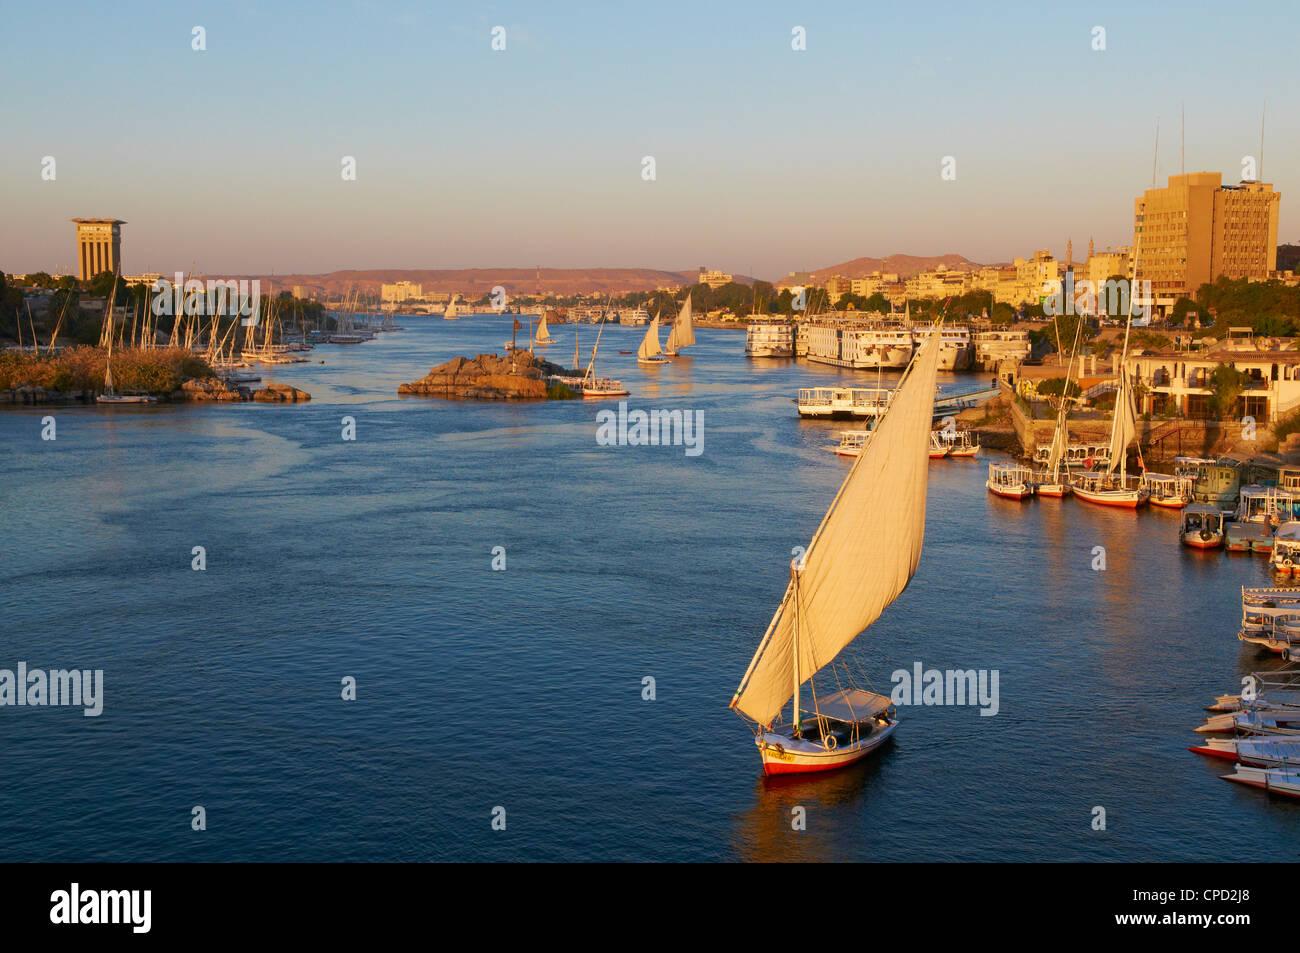 Feluchos en el río Nilo, en Asuán, Egipto, el Norte de África, África Imagen De Stock